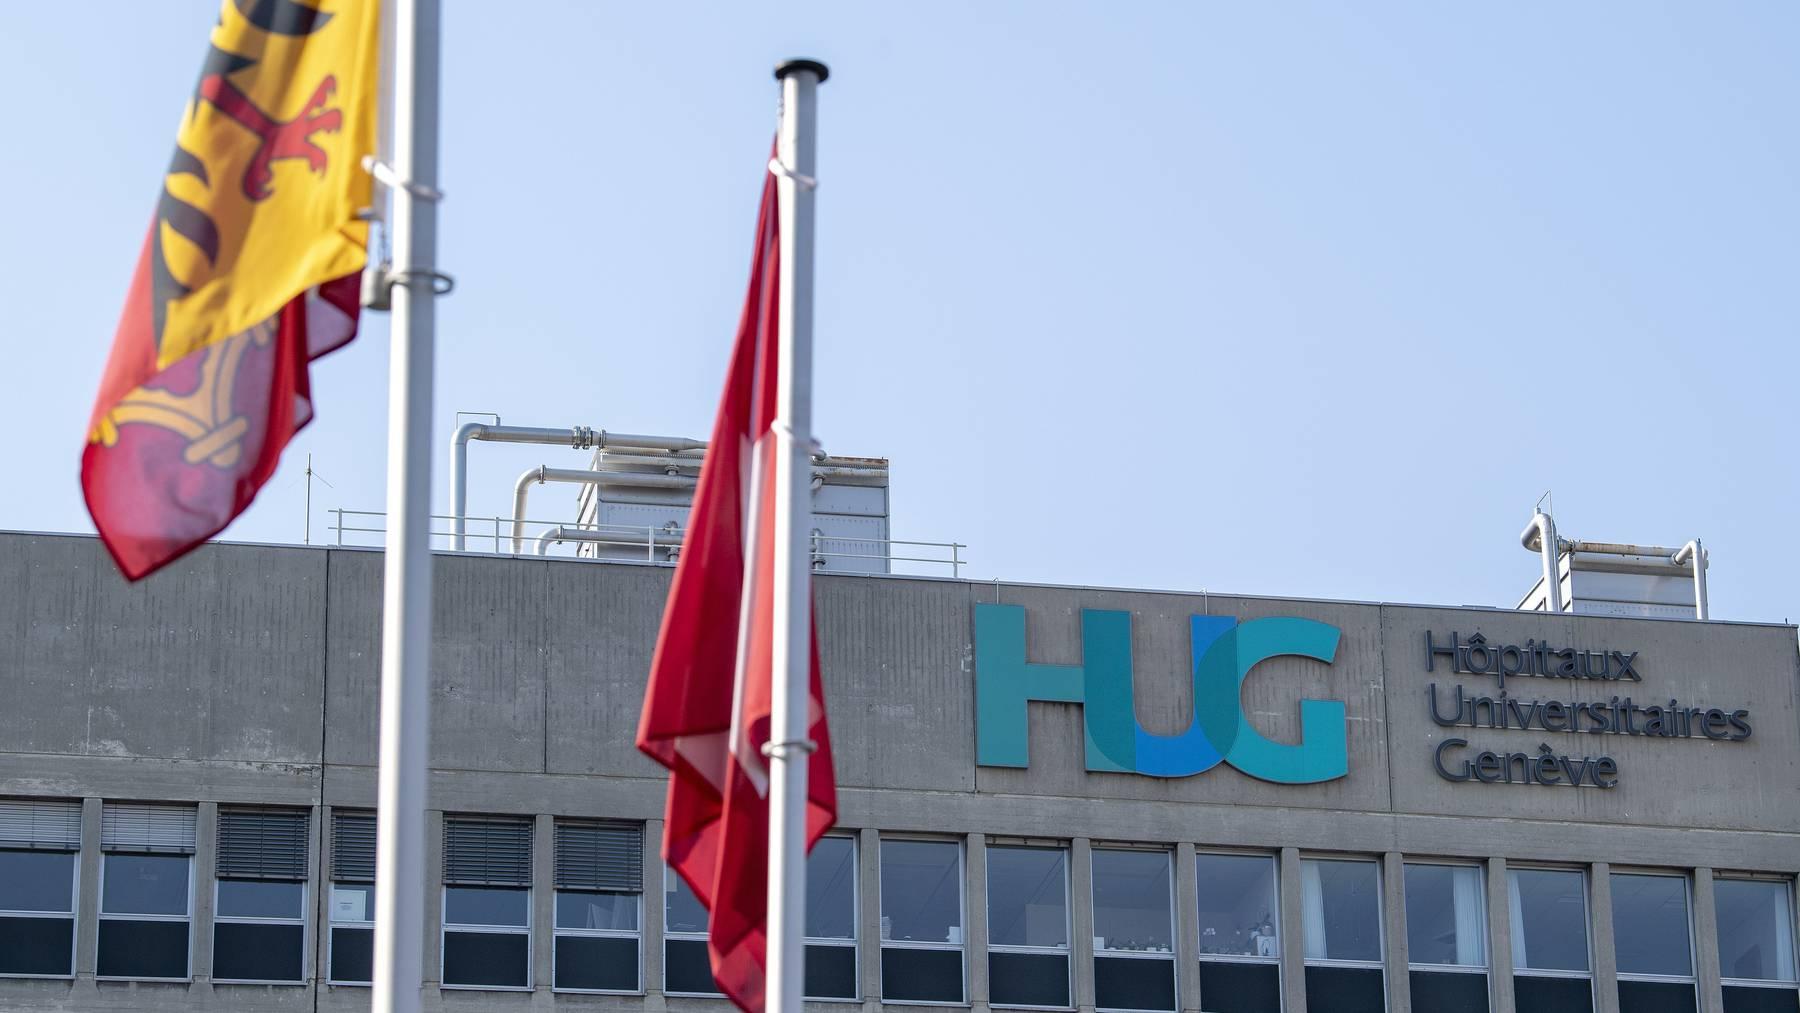 Das Genfer Universitätsspital (HUG) verzeichnete einen Anstieg der Krankenhauseinweisungen wegen Covid-19. (Symbolbild)